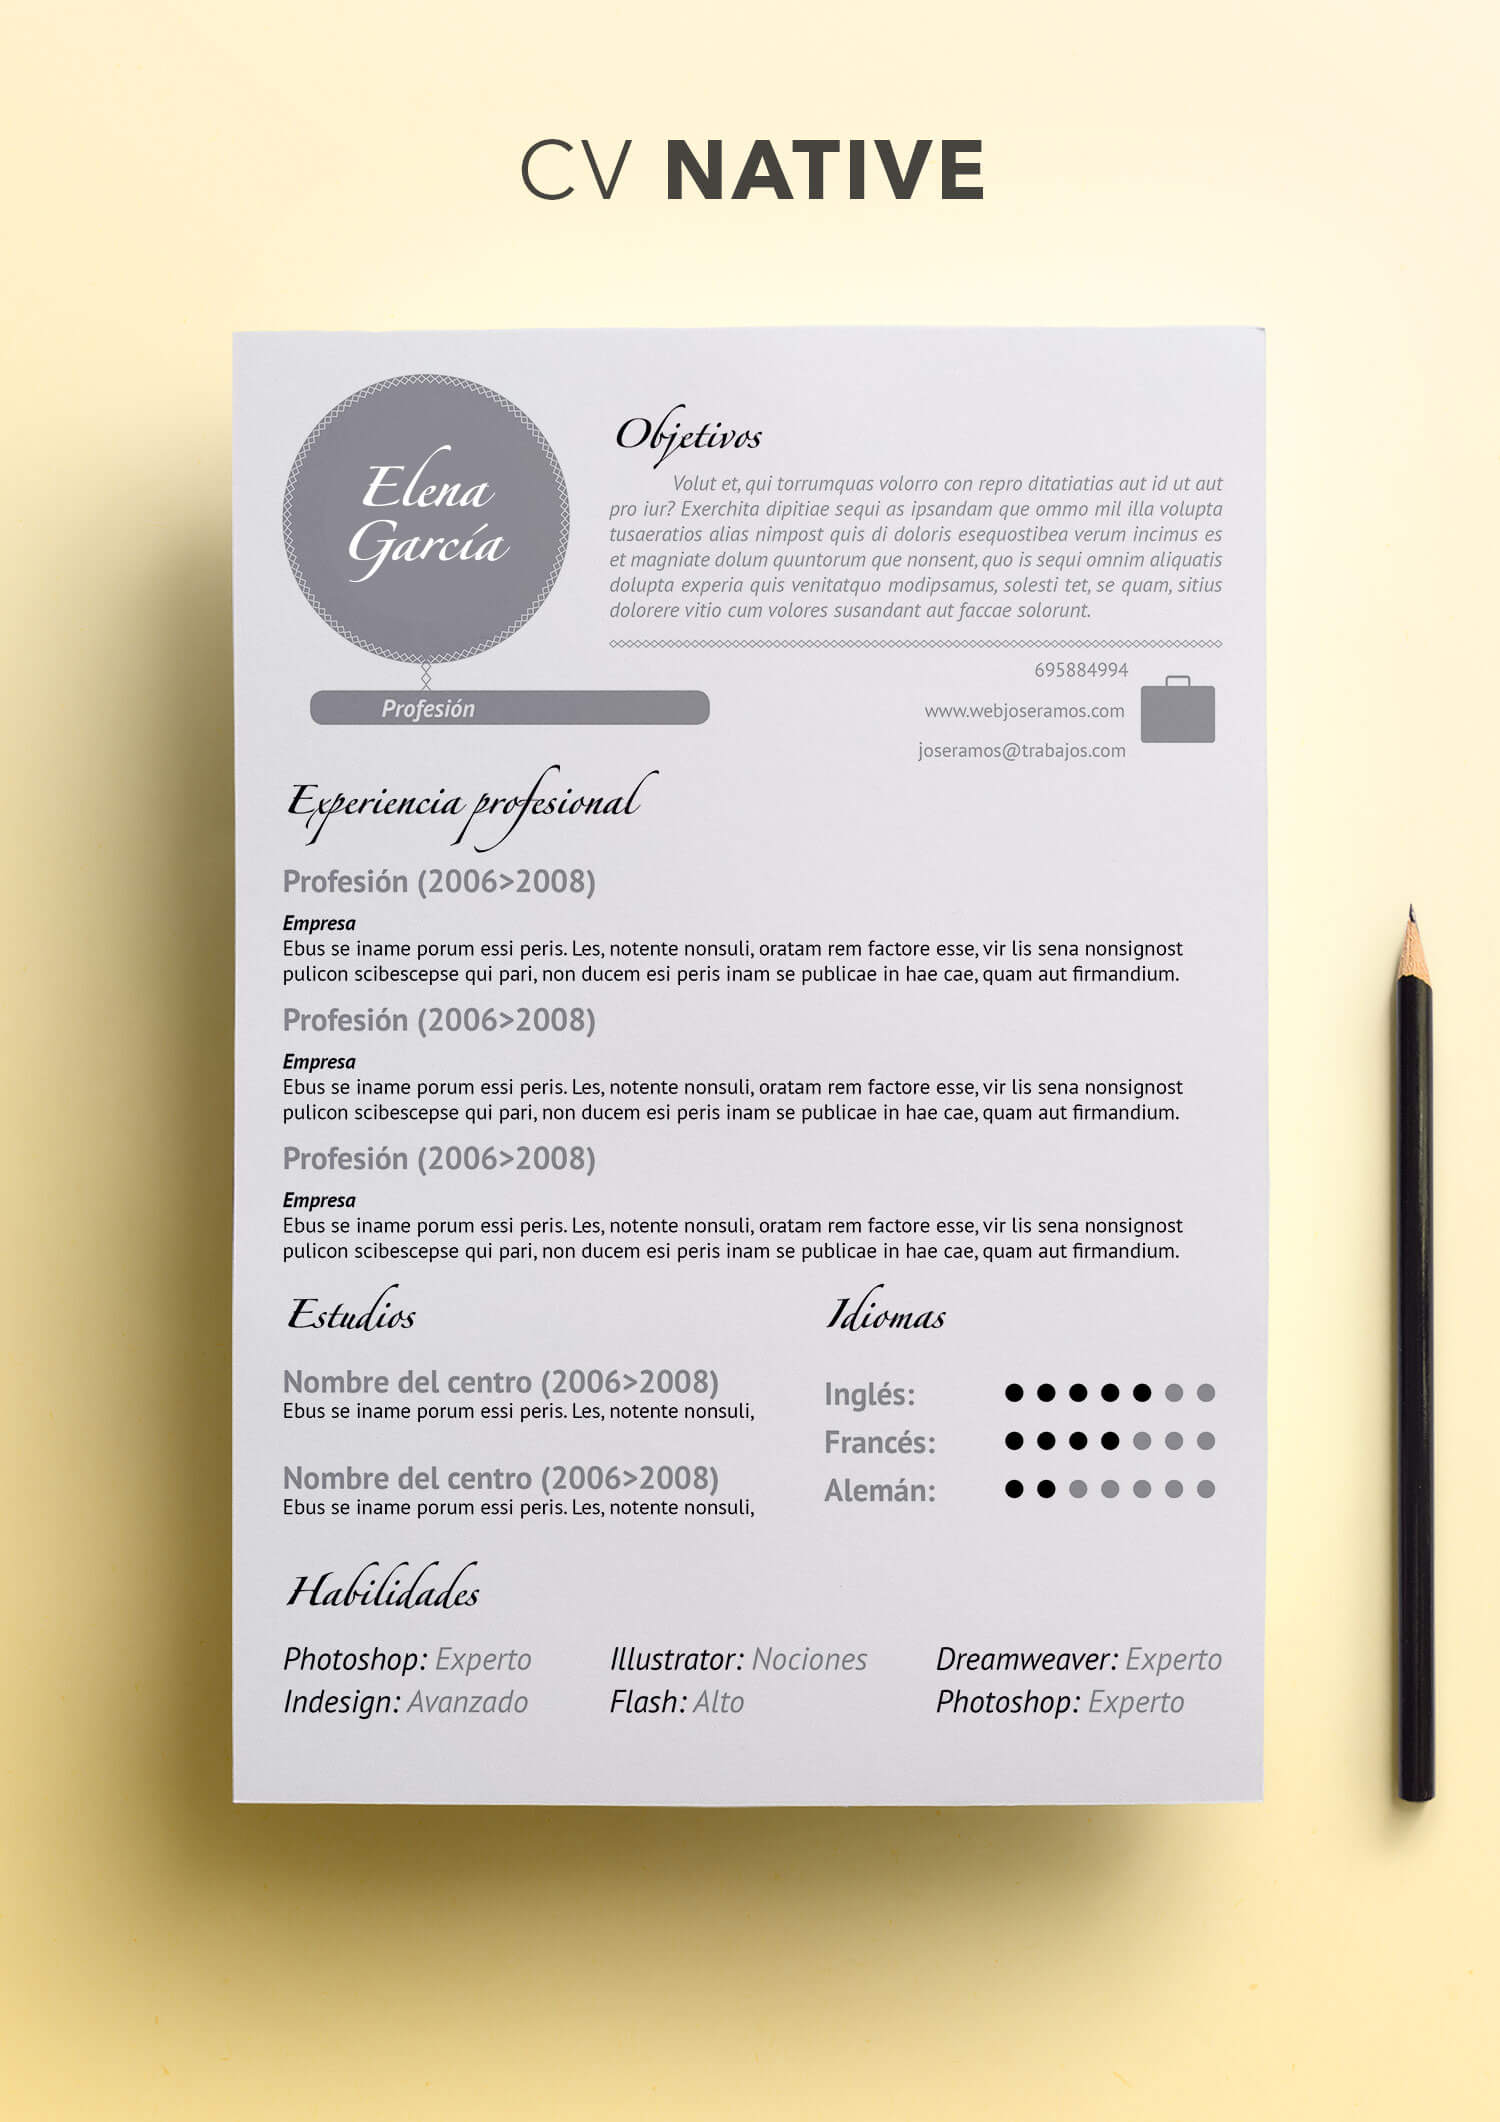 Curriculum Vitae modelo Native | Plantillas de currículum